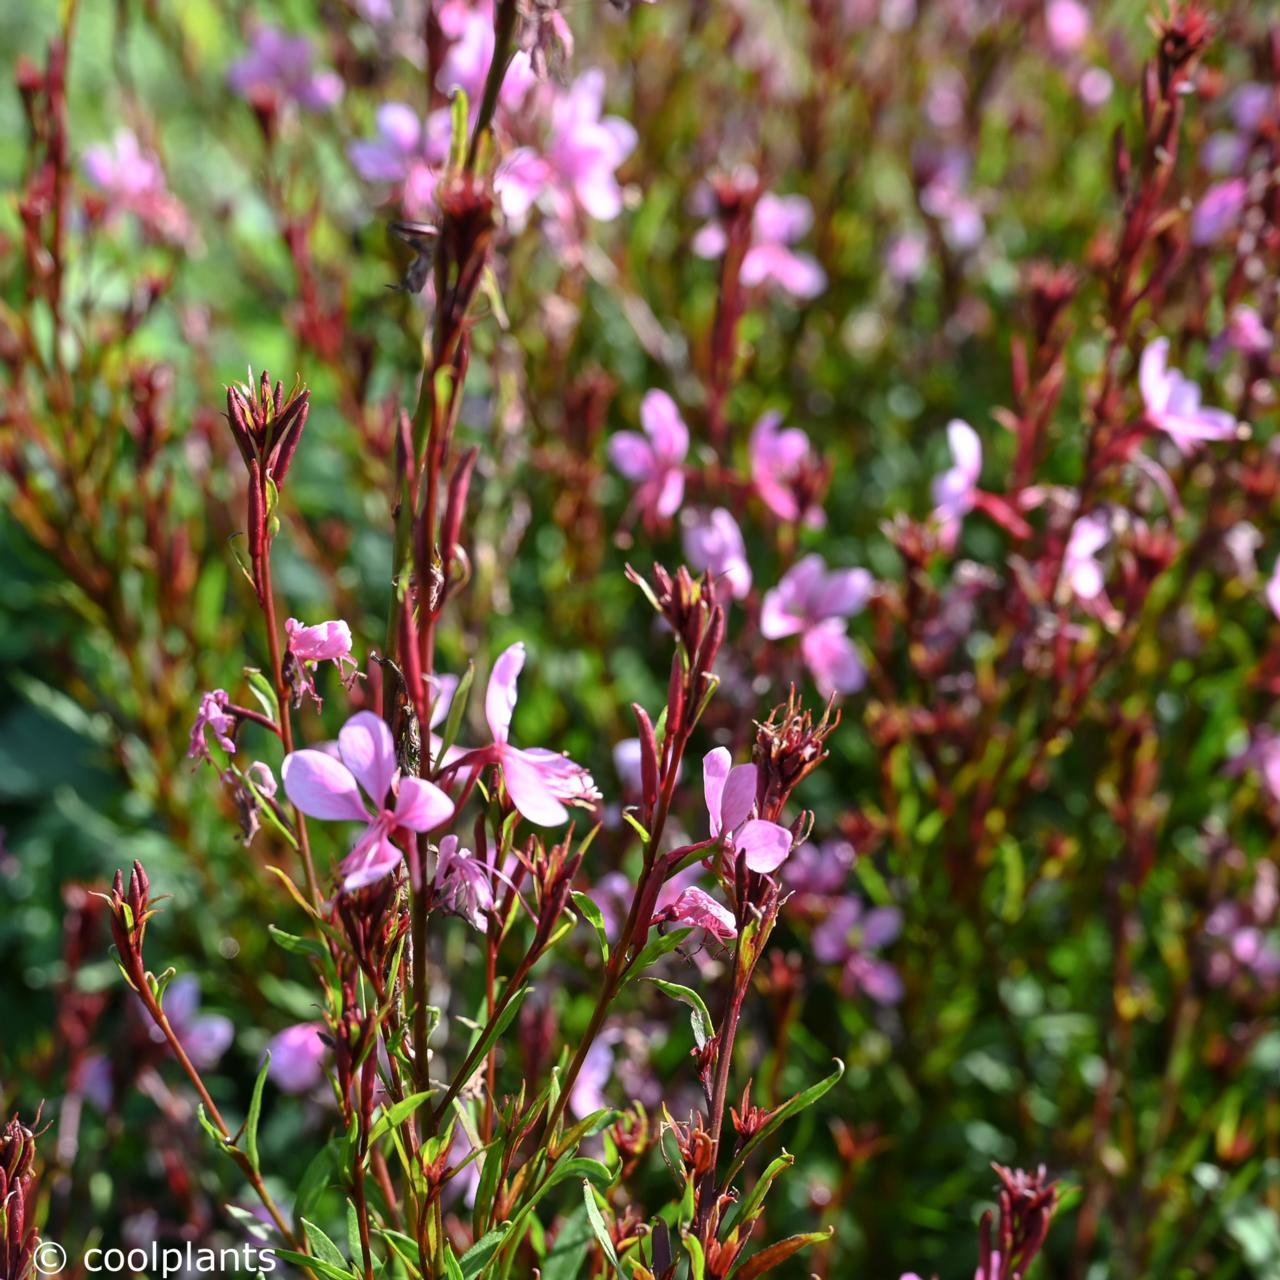 Gaura lindheimeri 'Baby Butterfly Dark Pink' (35252)